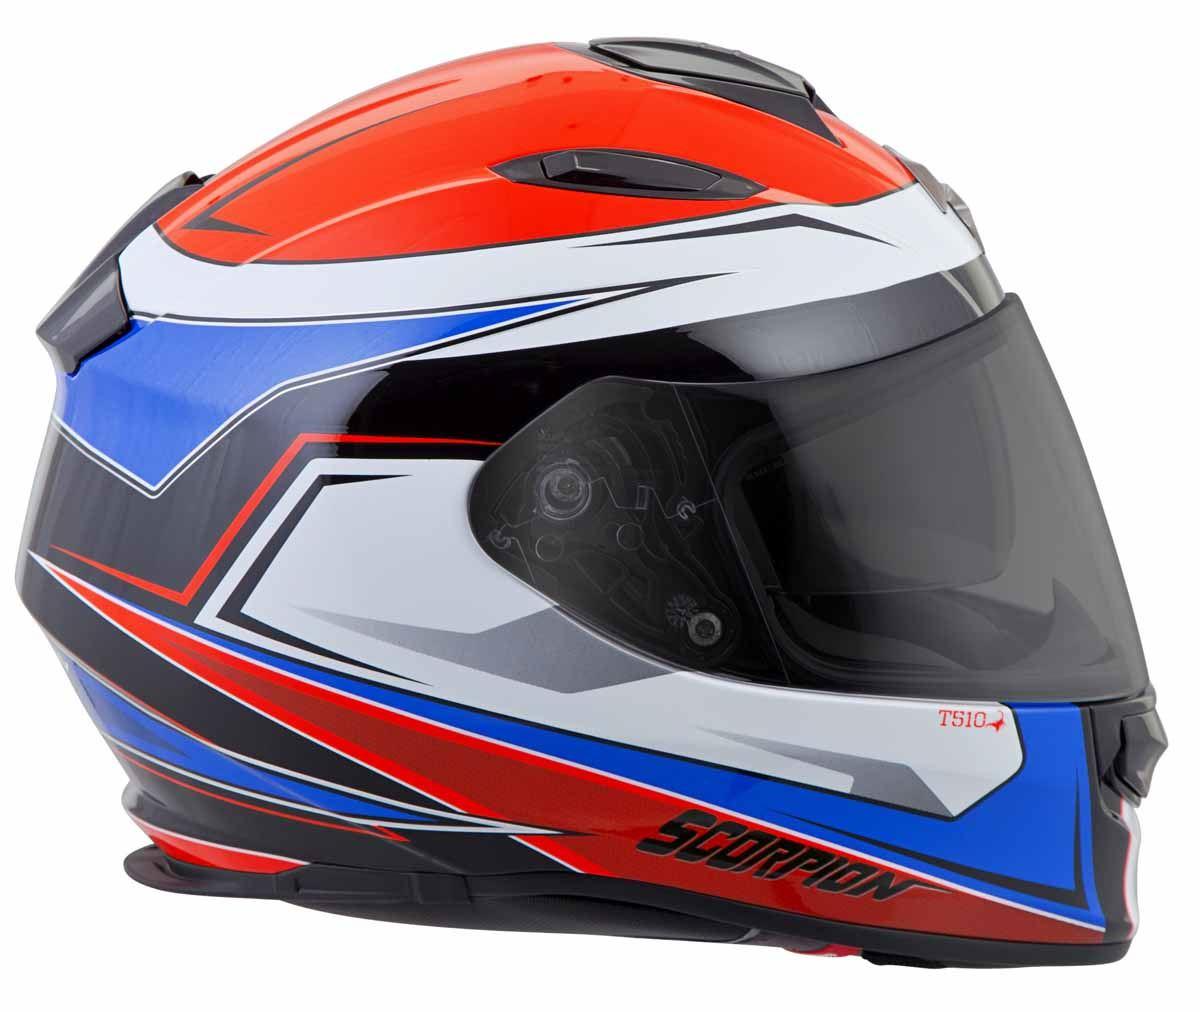 Scorpion-EXO-T510-Helmet-Full-Face-DOT-Approved-Inner-Sun-Shield miniature 33